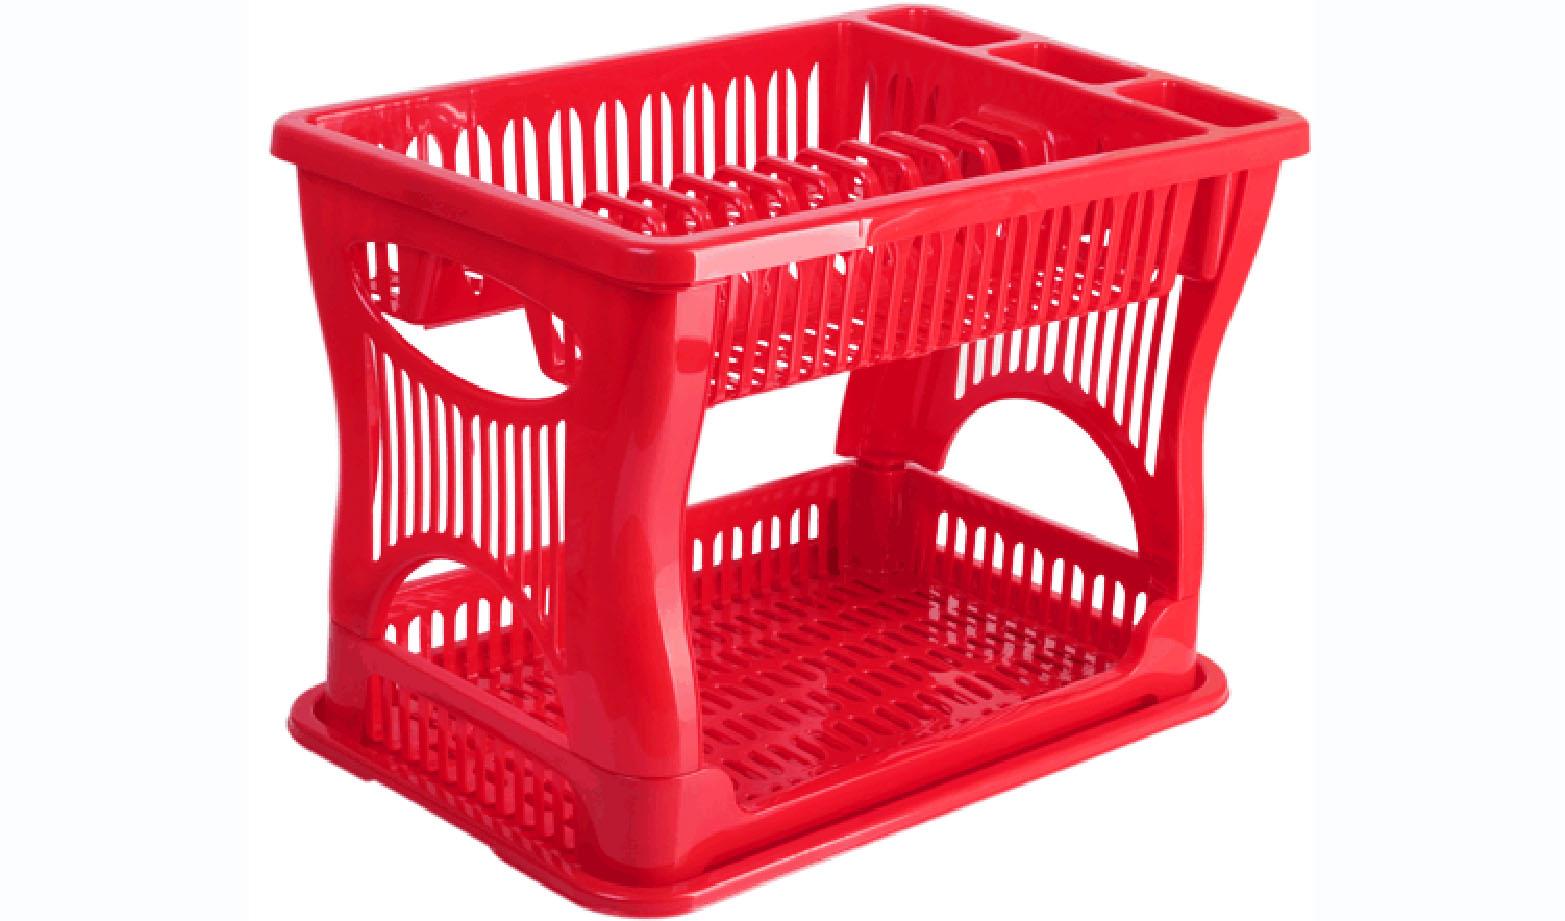 """Двухъярусная сушилка """"Idea"""" выполнена из прочного пластика и оснащена поддоном. Изделие комплектуется двумя ярусами: верхний ярус - для тарелок и столовых приборов, нижний ярус - для кружек, мисок и других предметов. Благодаря своей функциональности, сушилка для посуды """"Idea"""" займет достойное место на вашей кухне и будет очень полезна любой хозяйке. Стильный, современный и лаконичный дизайн сделает сушилку прекрасным дополнением интерьера вашей кухни. Сушилку для посуды можете установить в любом удобном месте. Компактные размеры и оригинальный дизайн выделяют сушилку из ряда подобных.Общий размер сушилки: 42 х 27 х 30,5 см."""